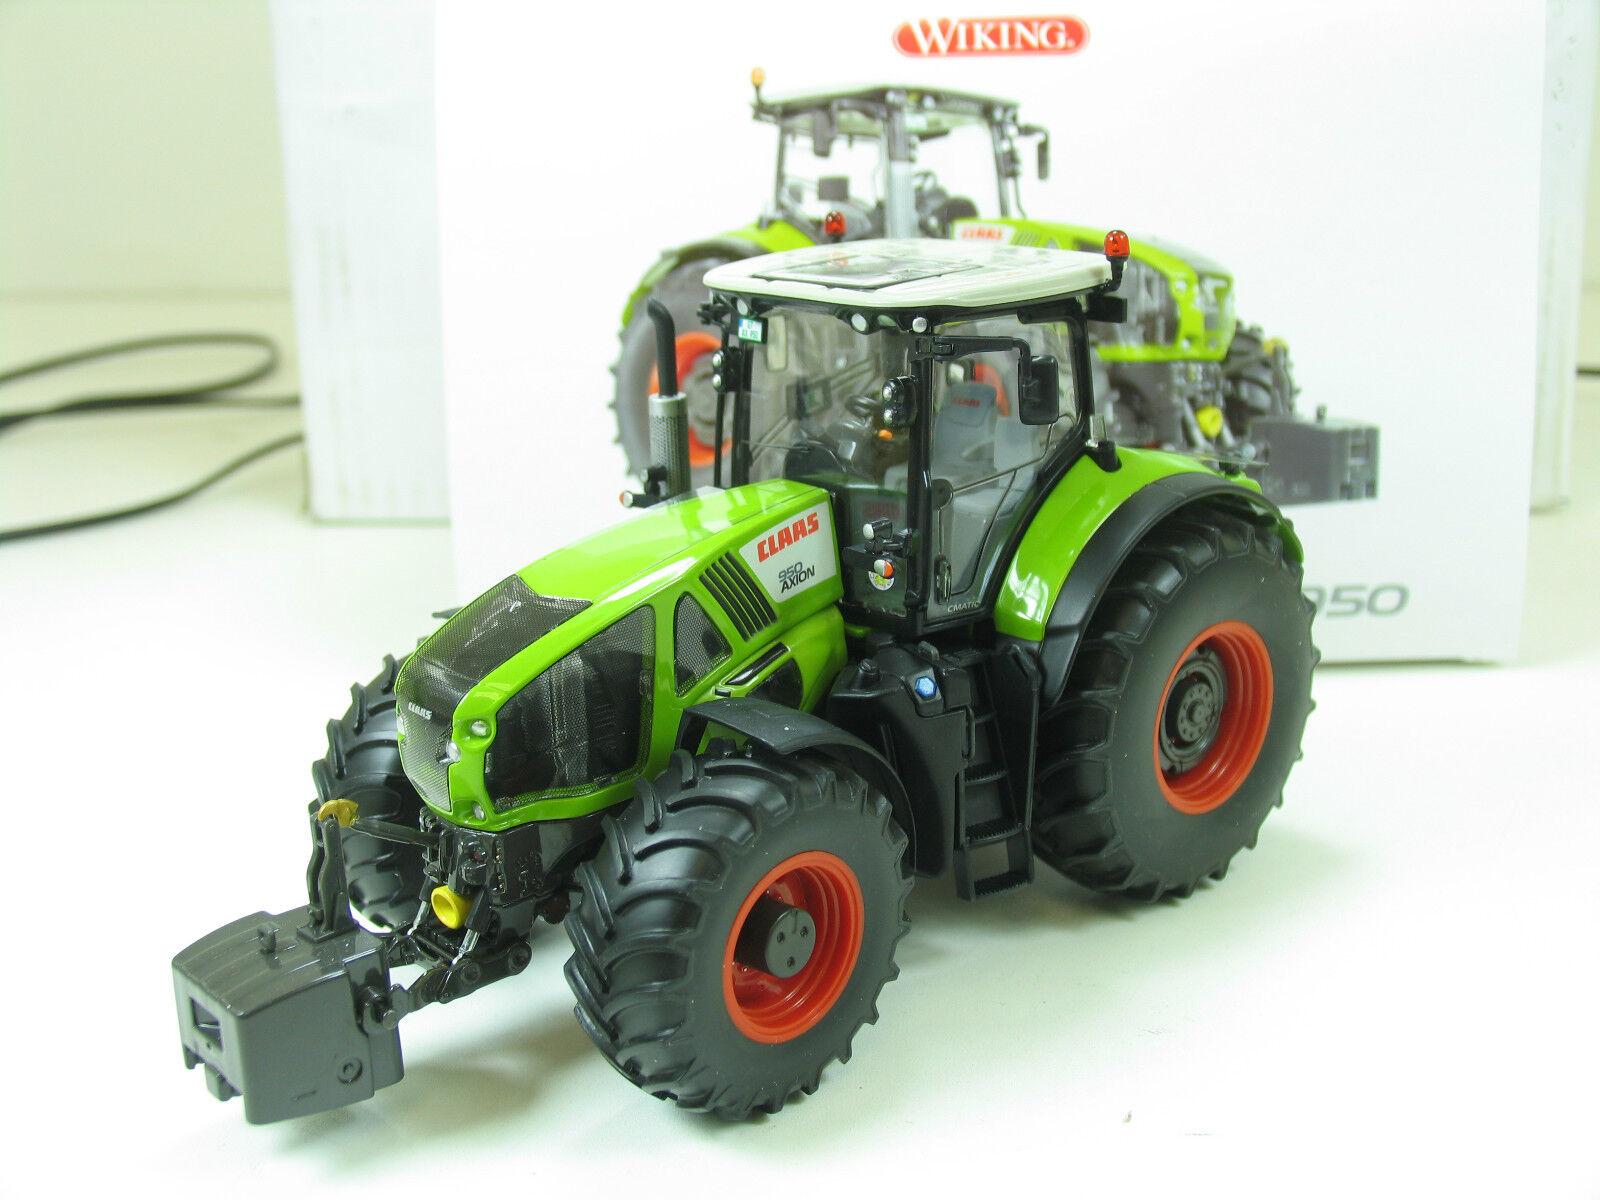 clásico atemporal Wiking 1 32 0773 0773 0773 14 tractor class axion 950 a17  ahorra hasta un 80%